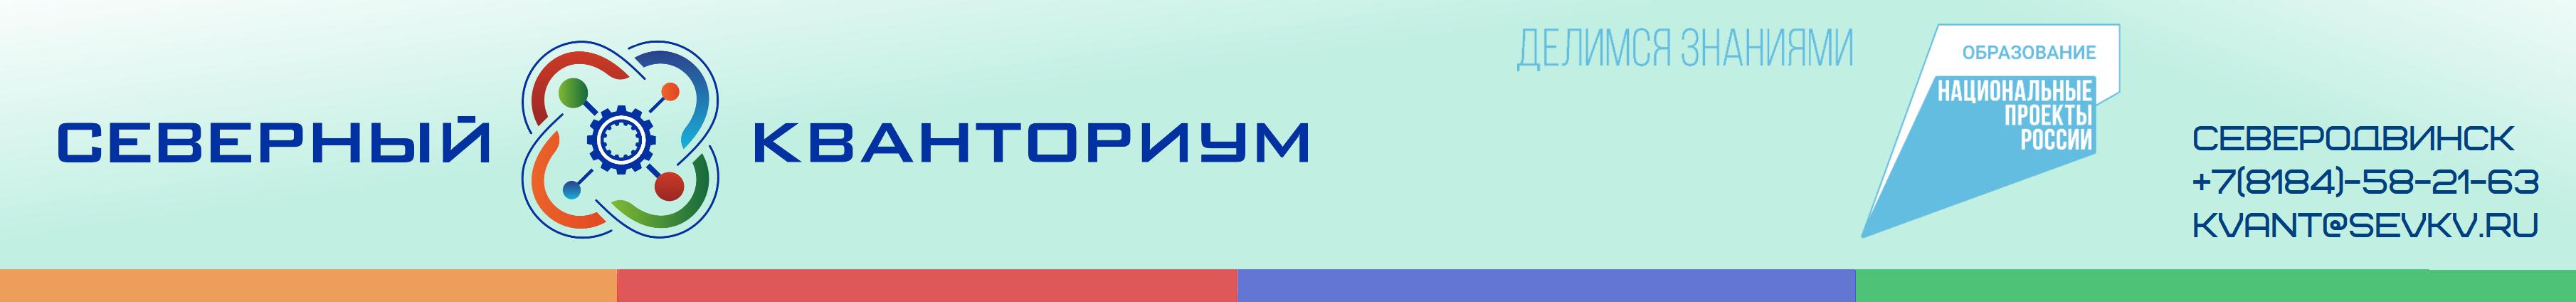 """МАОУДО """"Северный Кванториум"""", г. Северодвинск"""